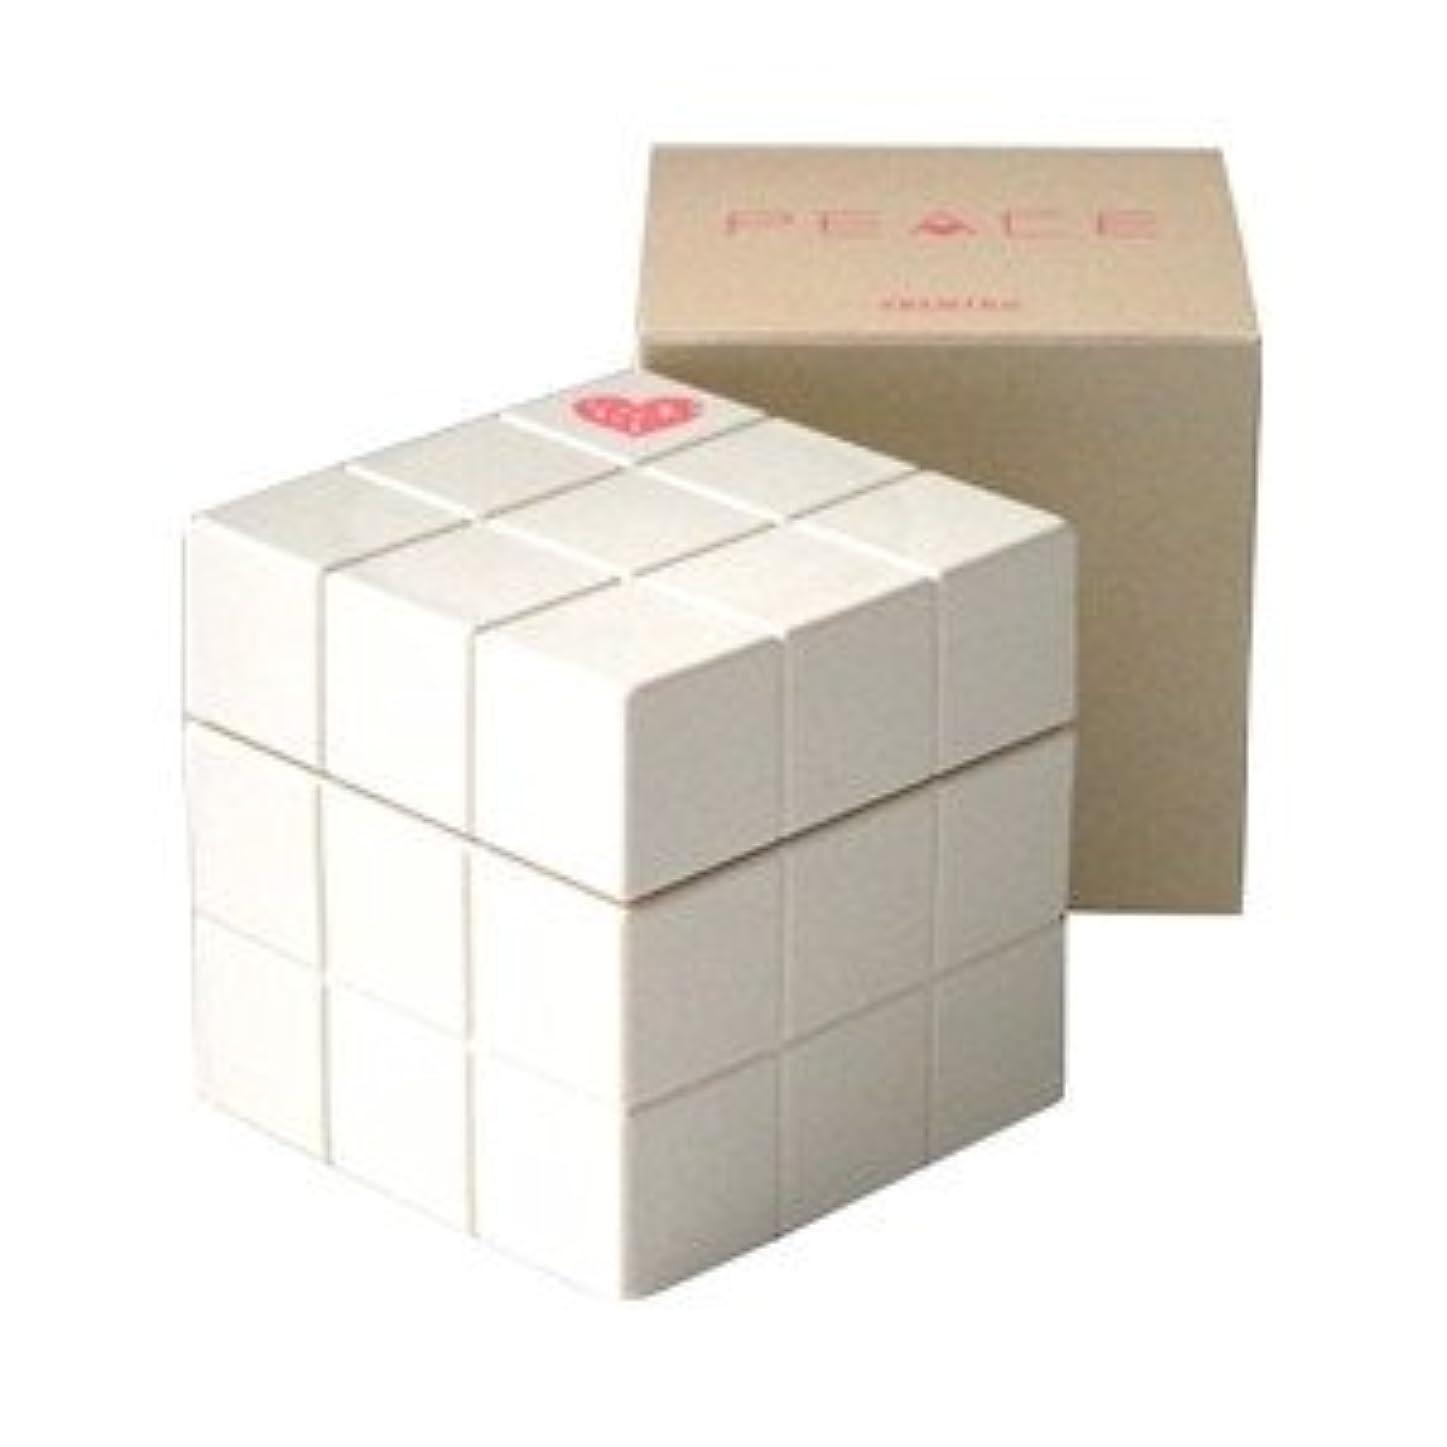 不承認正確さ炭水化物アリミノ ピース ニュアンス wax (バニラ) 80g